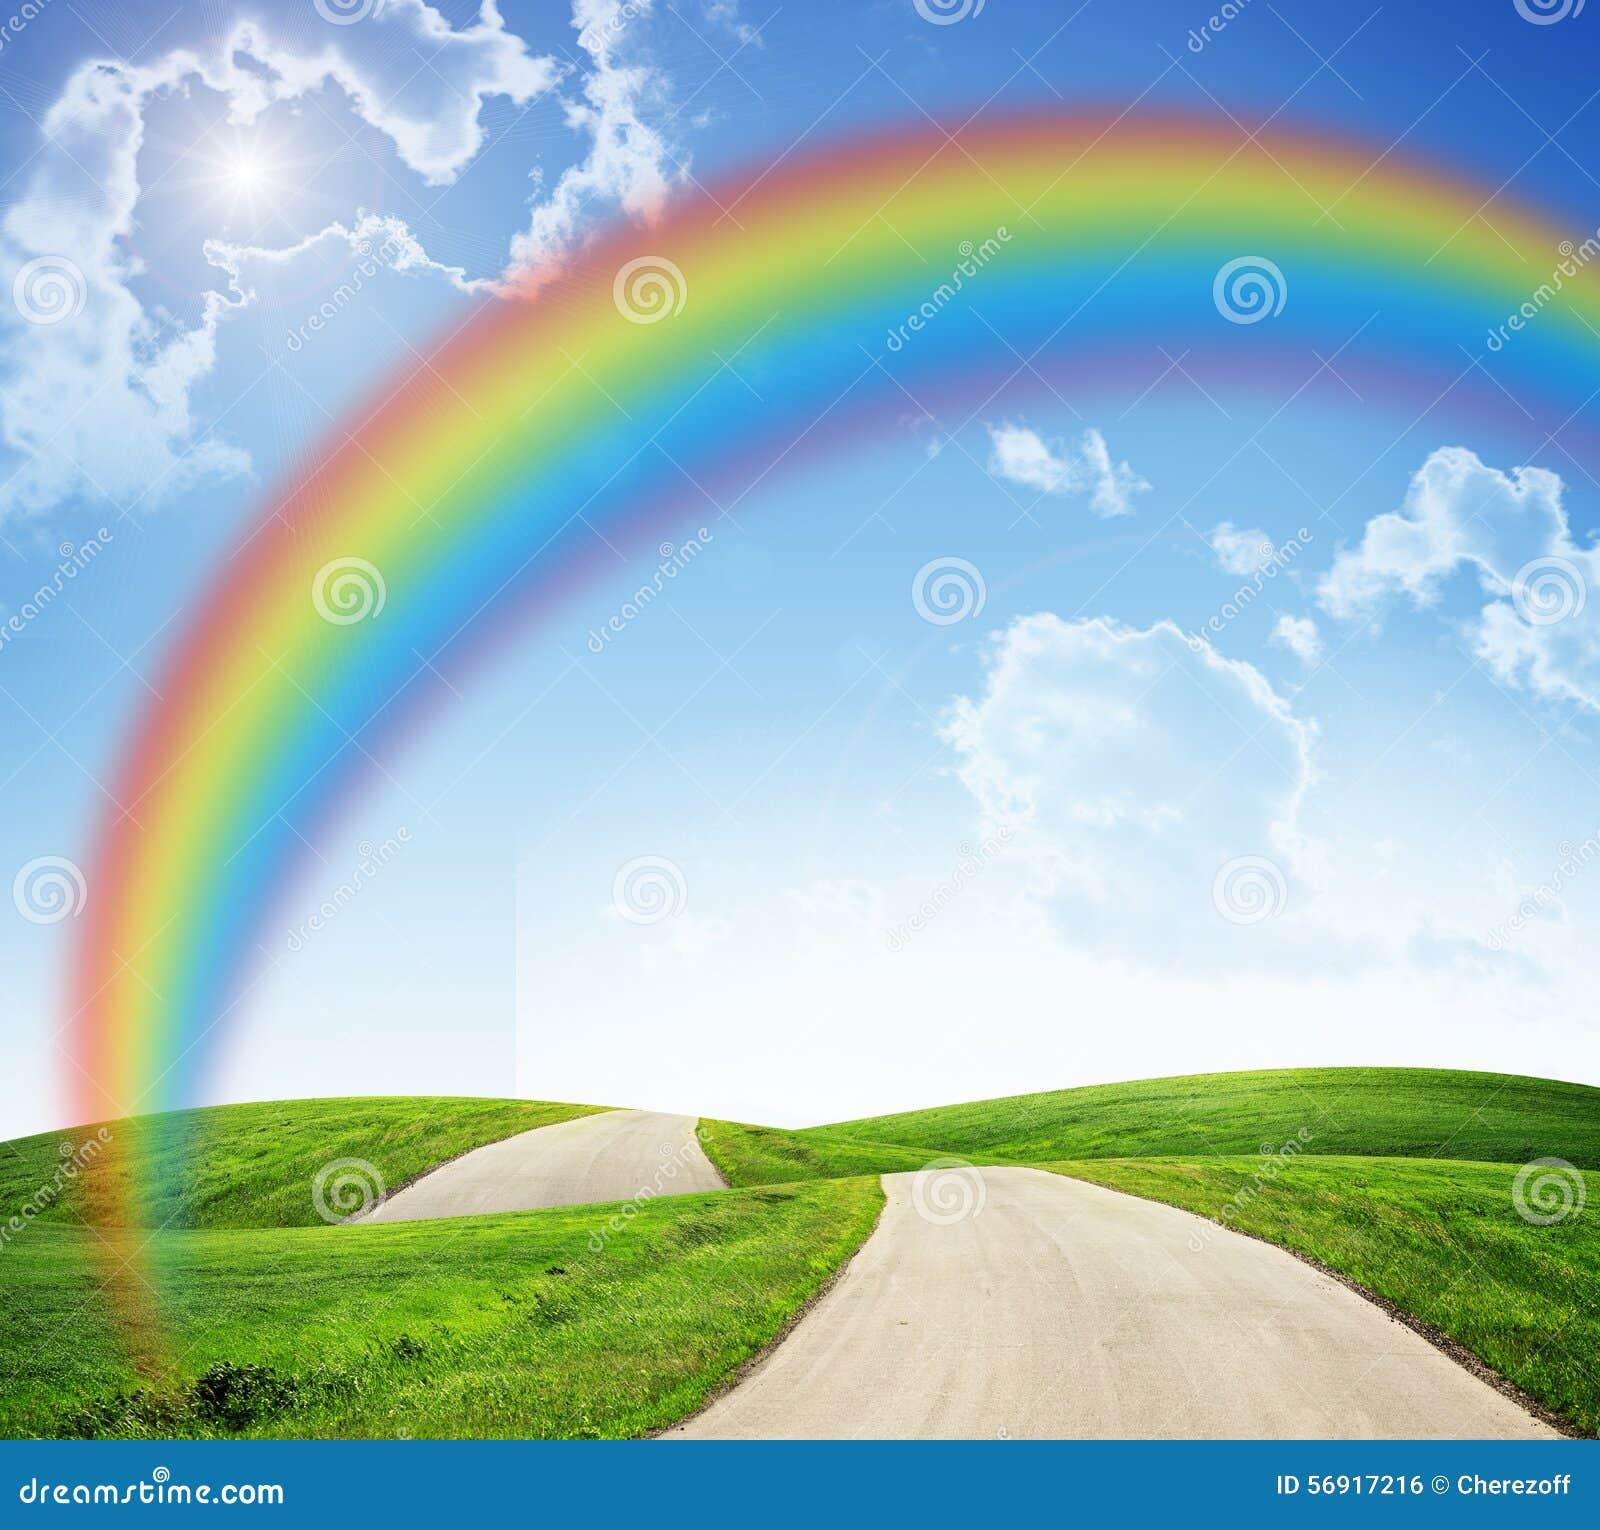 landschaft mit regenbogen und stra 223 e stockfoto bild 56917216